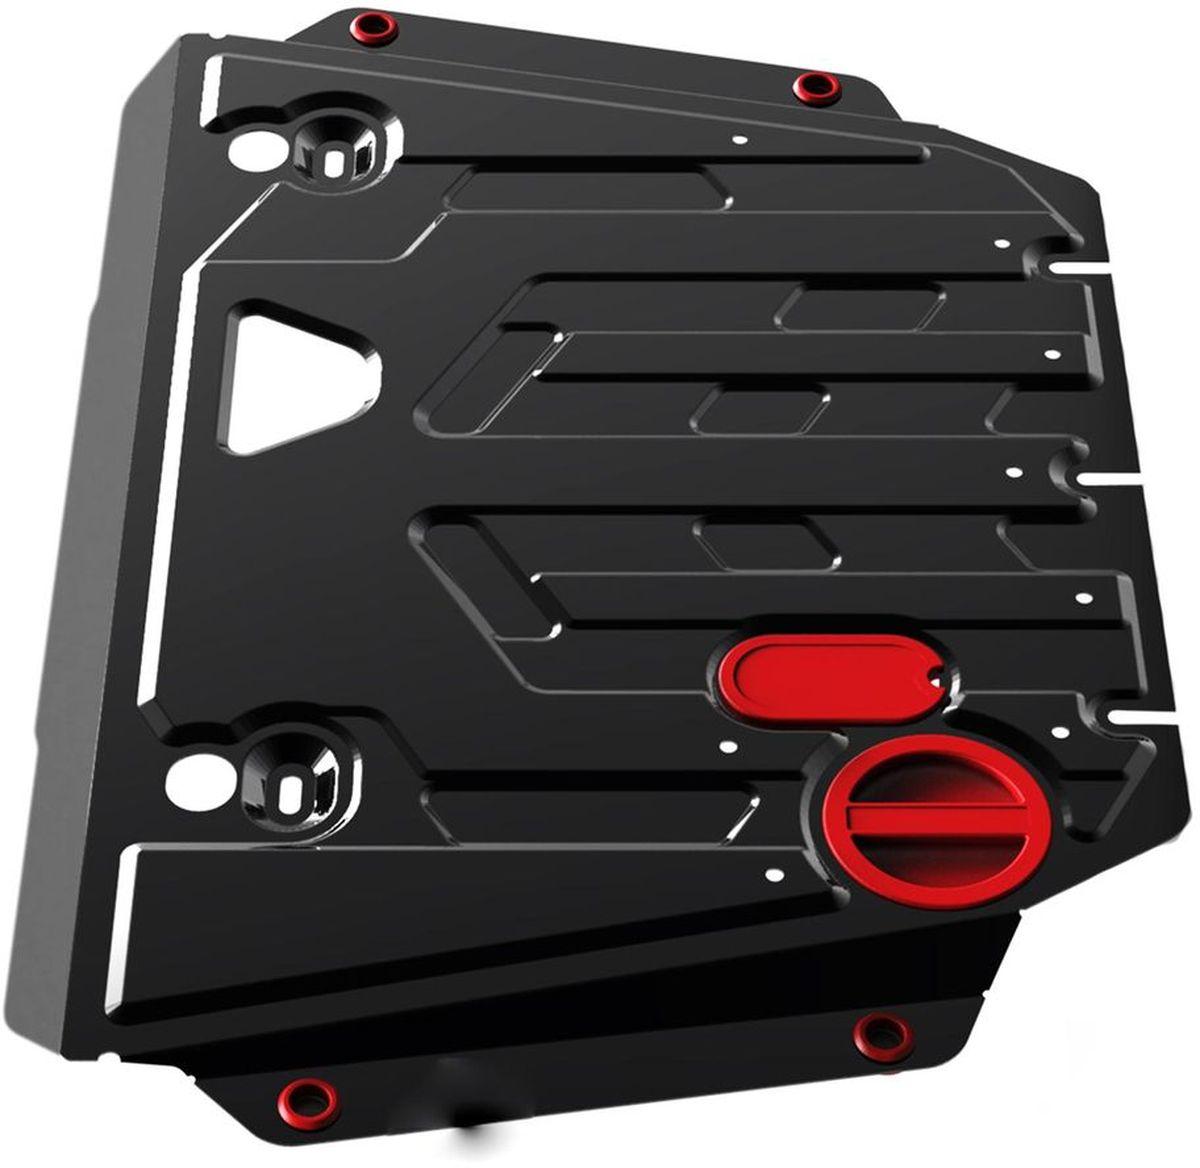 Защита картера и КПП Автоброня, для Chery M11 V - 1,6 (2008-)CA-3505Технологически совершенный продукт за невысокую стоимость.Защита разработана с учетом особенностей днища автомобиля, что позволяет сохранить дорожный просвет с минимальным изменением.Защита устанавливается в штатные места кузова автомобиля. Глубокий штамп обеспечивает до двух раз больше жесткости в сравнении с обычной защитой той же толщины. Проштампованные ребра жесткости препятствуют деформации защиты при ударах.Тепловой зазор и вентиляционные отверстия обеспечивают сохранение температурного режима двигателя в норме. Скрытый крепеж предотвращает срыв крепежных элементов при наезде на препятствие.Шумопоглощающие резиновые элементы обеспечивают комфортную езду без вибраций и скрежета металла, а съемные лючки для слива масла и замены фильтра - экономию средств и время.Конструкция изделия не влияет на пассивную безопасность автомобиля (при ударе защита не воздействует на деформационные зоны кузова). Со штатным крепежом. В комплекте инструкция по установке.Толщина стали: 2 мм.Уважаемые клиенты!Обращаем ваше внимание, что элемент защиты имеет форму, соответствующую модели данного автомобиля. Фото служит для визуального восприятия товара и может отличаться от фактического.